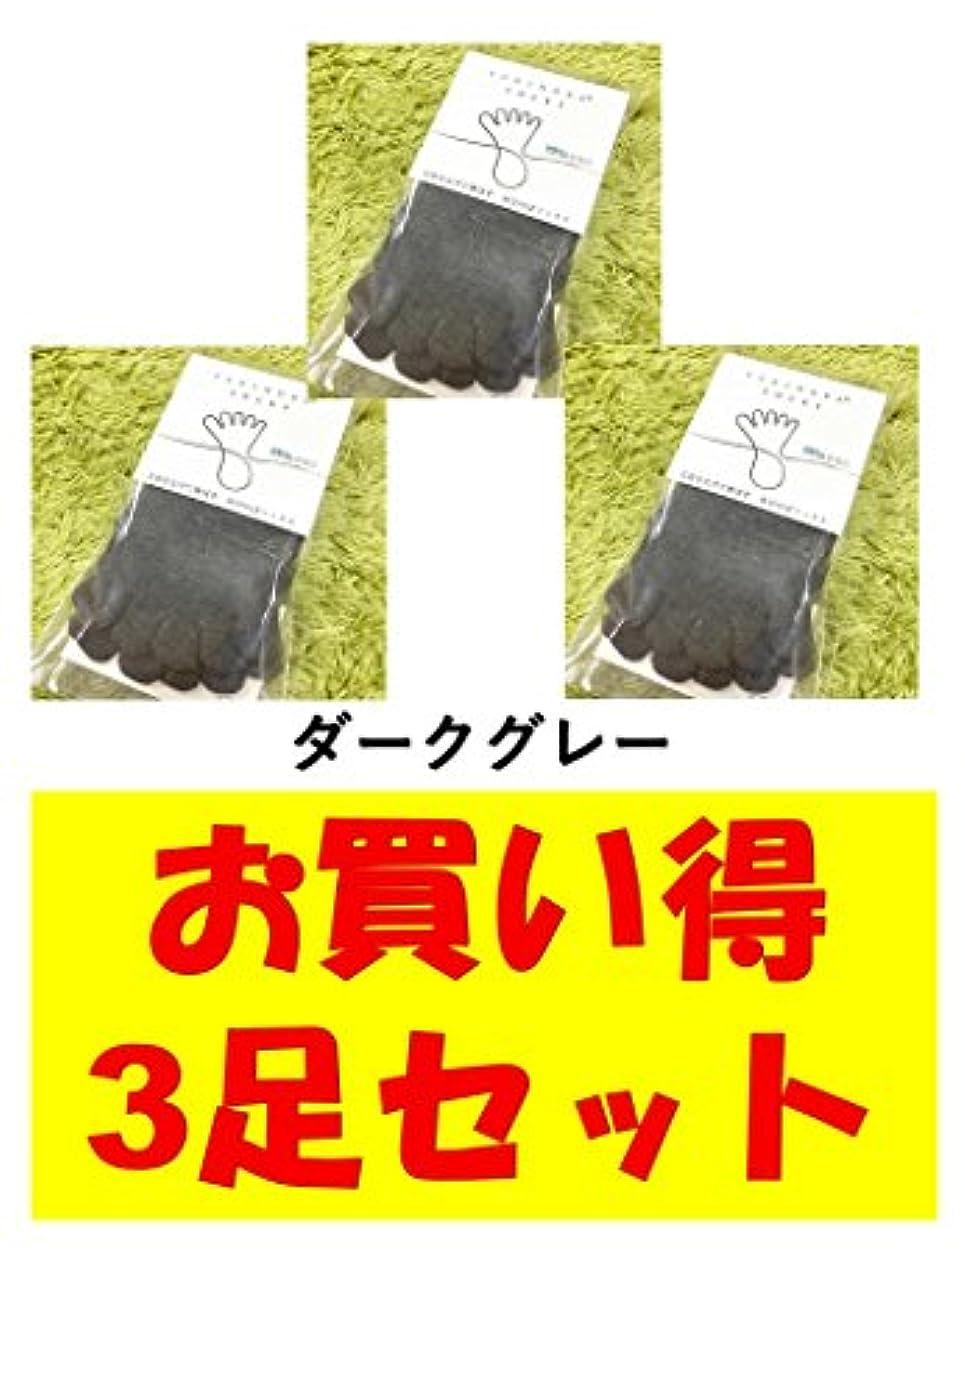 醜い寸法ジョージバーナードお買い得3足セット 5本指 ゆびのばソックス ゆびのばレギュラー ダークグレー 男性用 25.5cm-28.0cm HSREGR-DGL